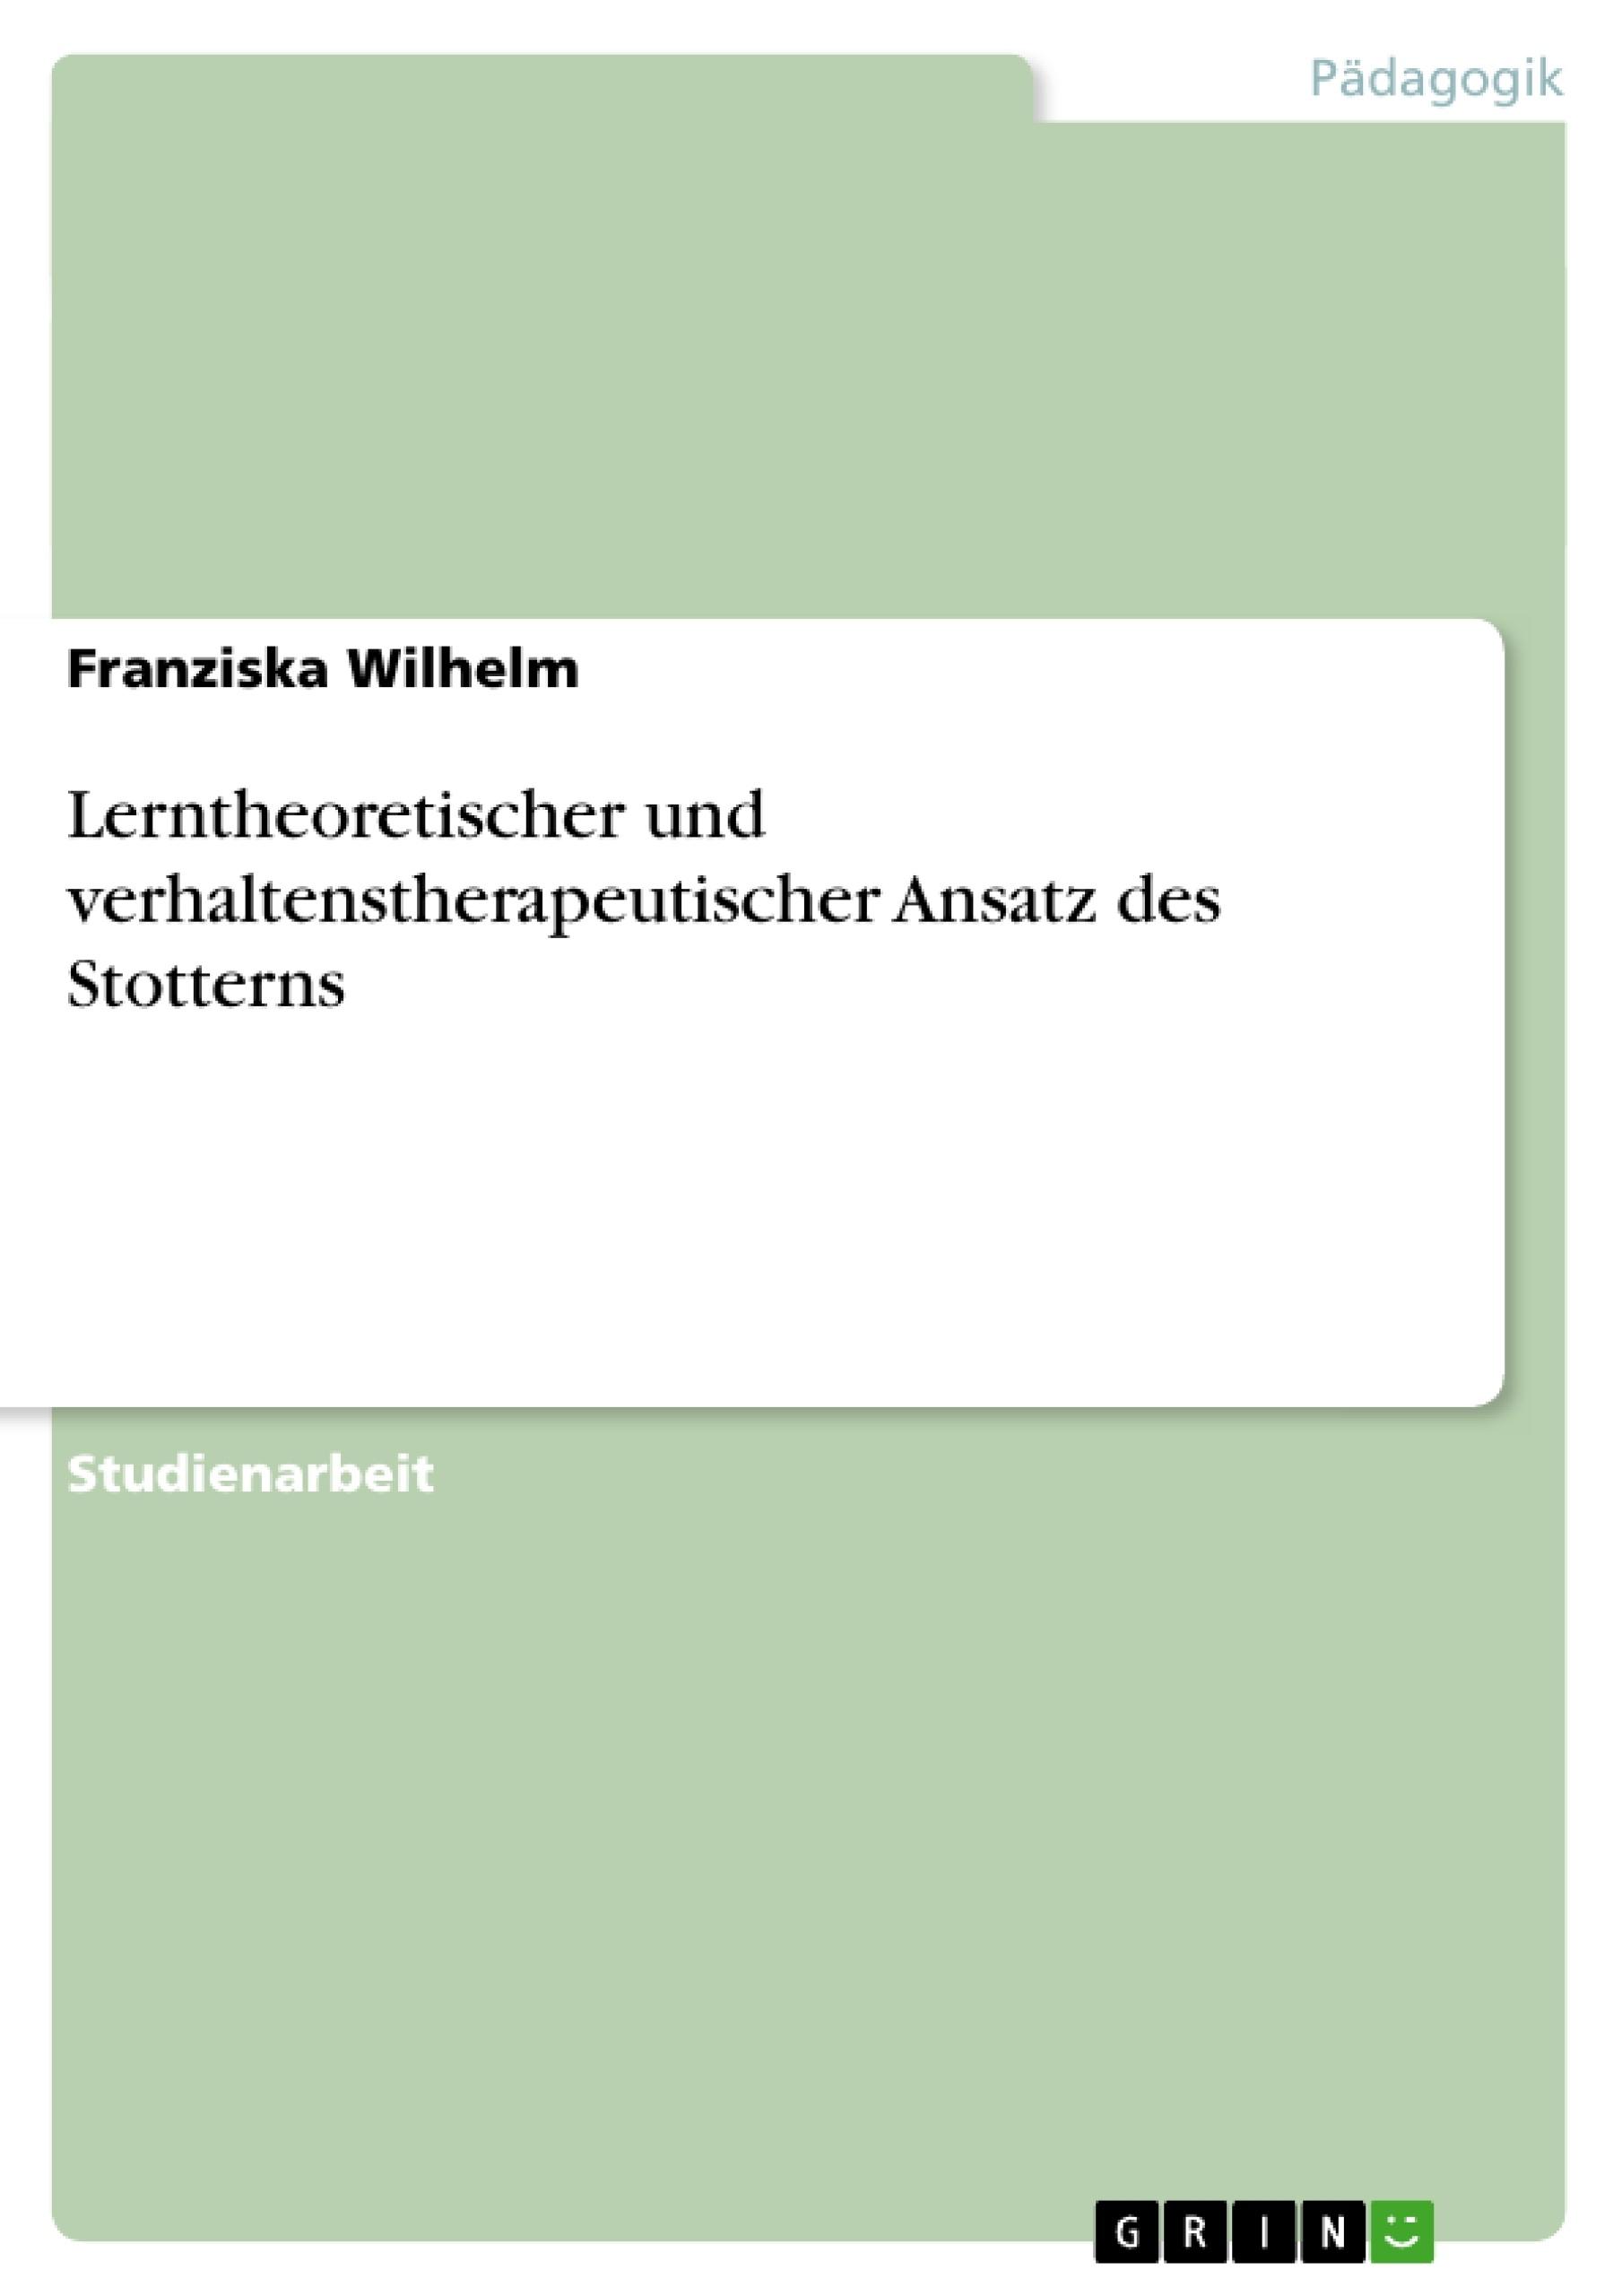 Titel: Lerntheoretischer und verhaltenstherapeutischer Ansatz des Stotterns